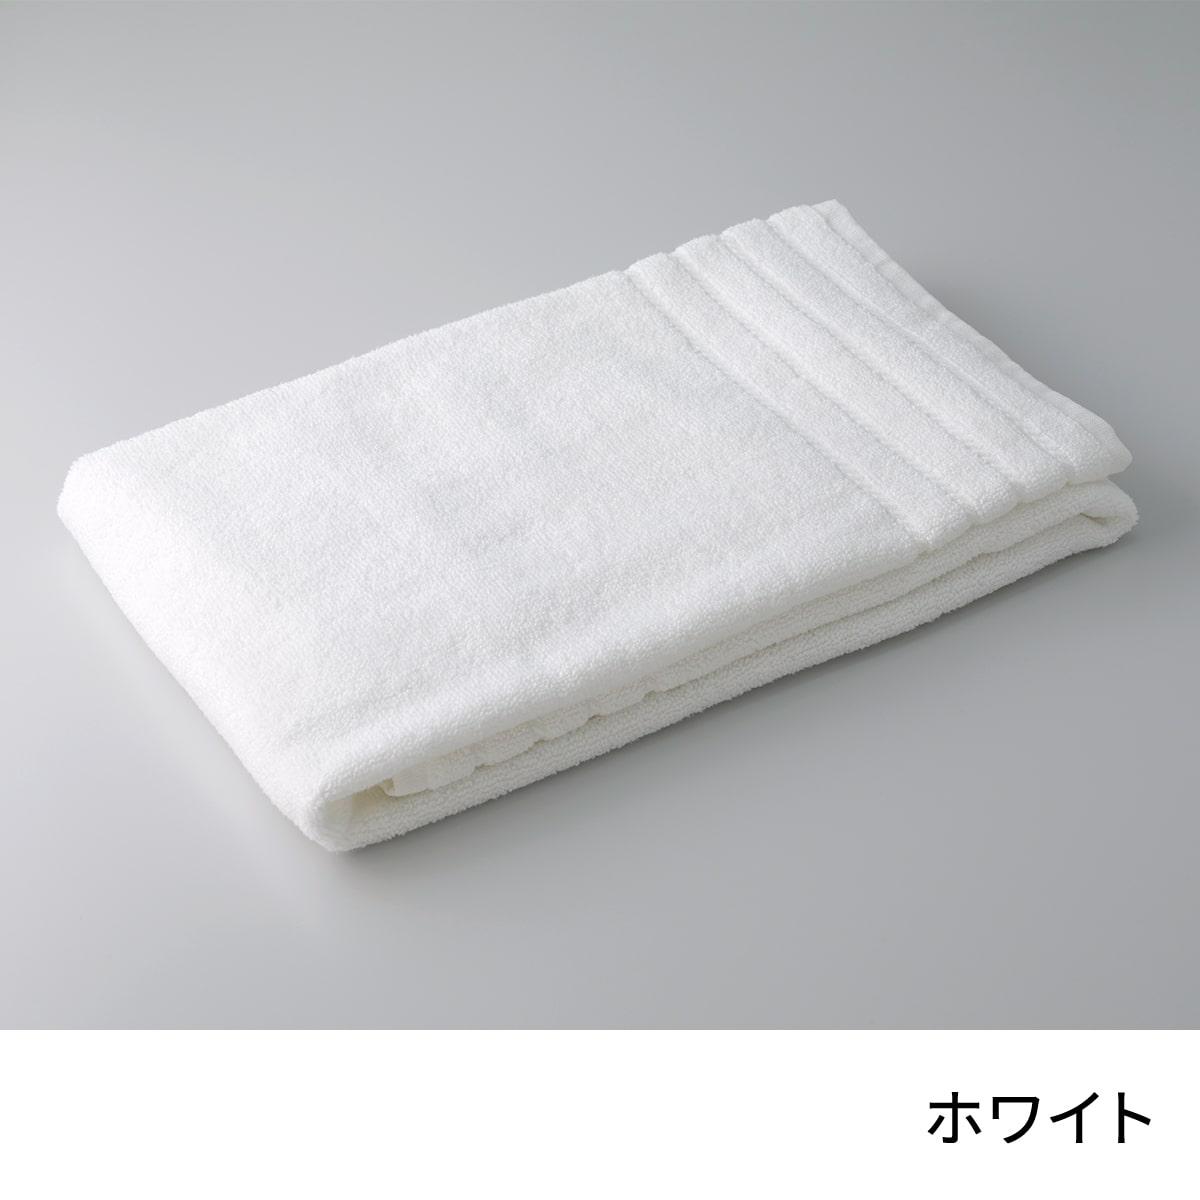 【マイクロコットン】レギュラー バスタオル(76×132cm) | #MicroCotton #タオル #バスタオル #日用品 #コットン100%